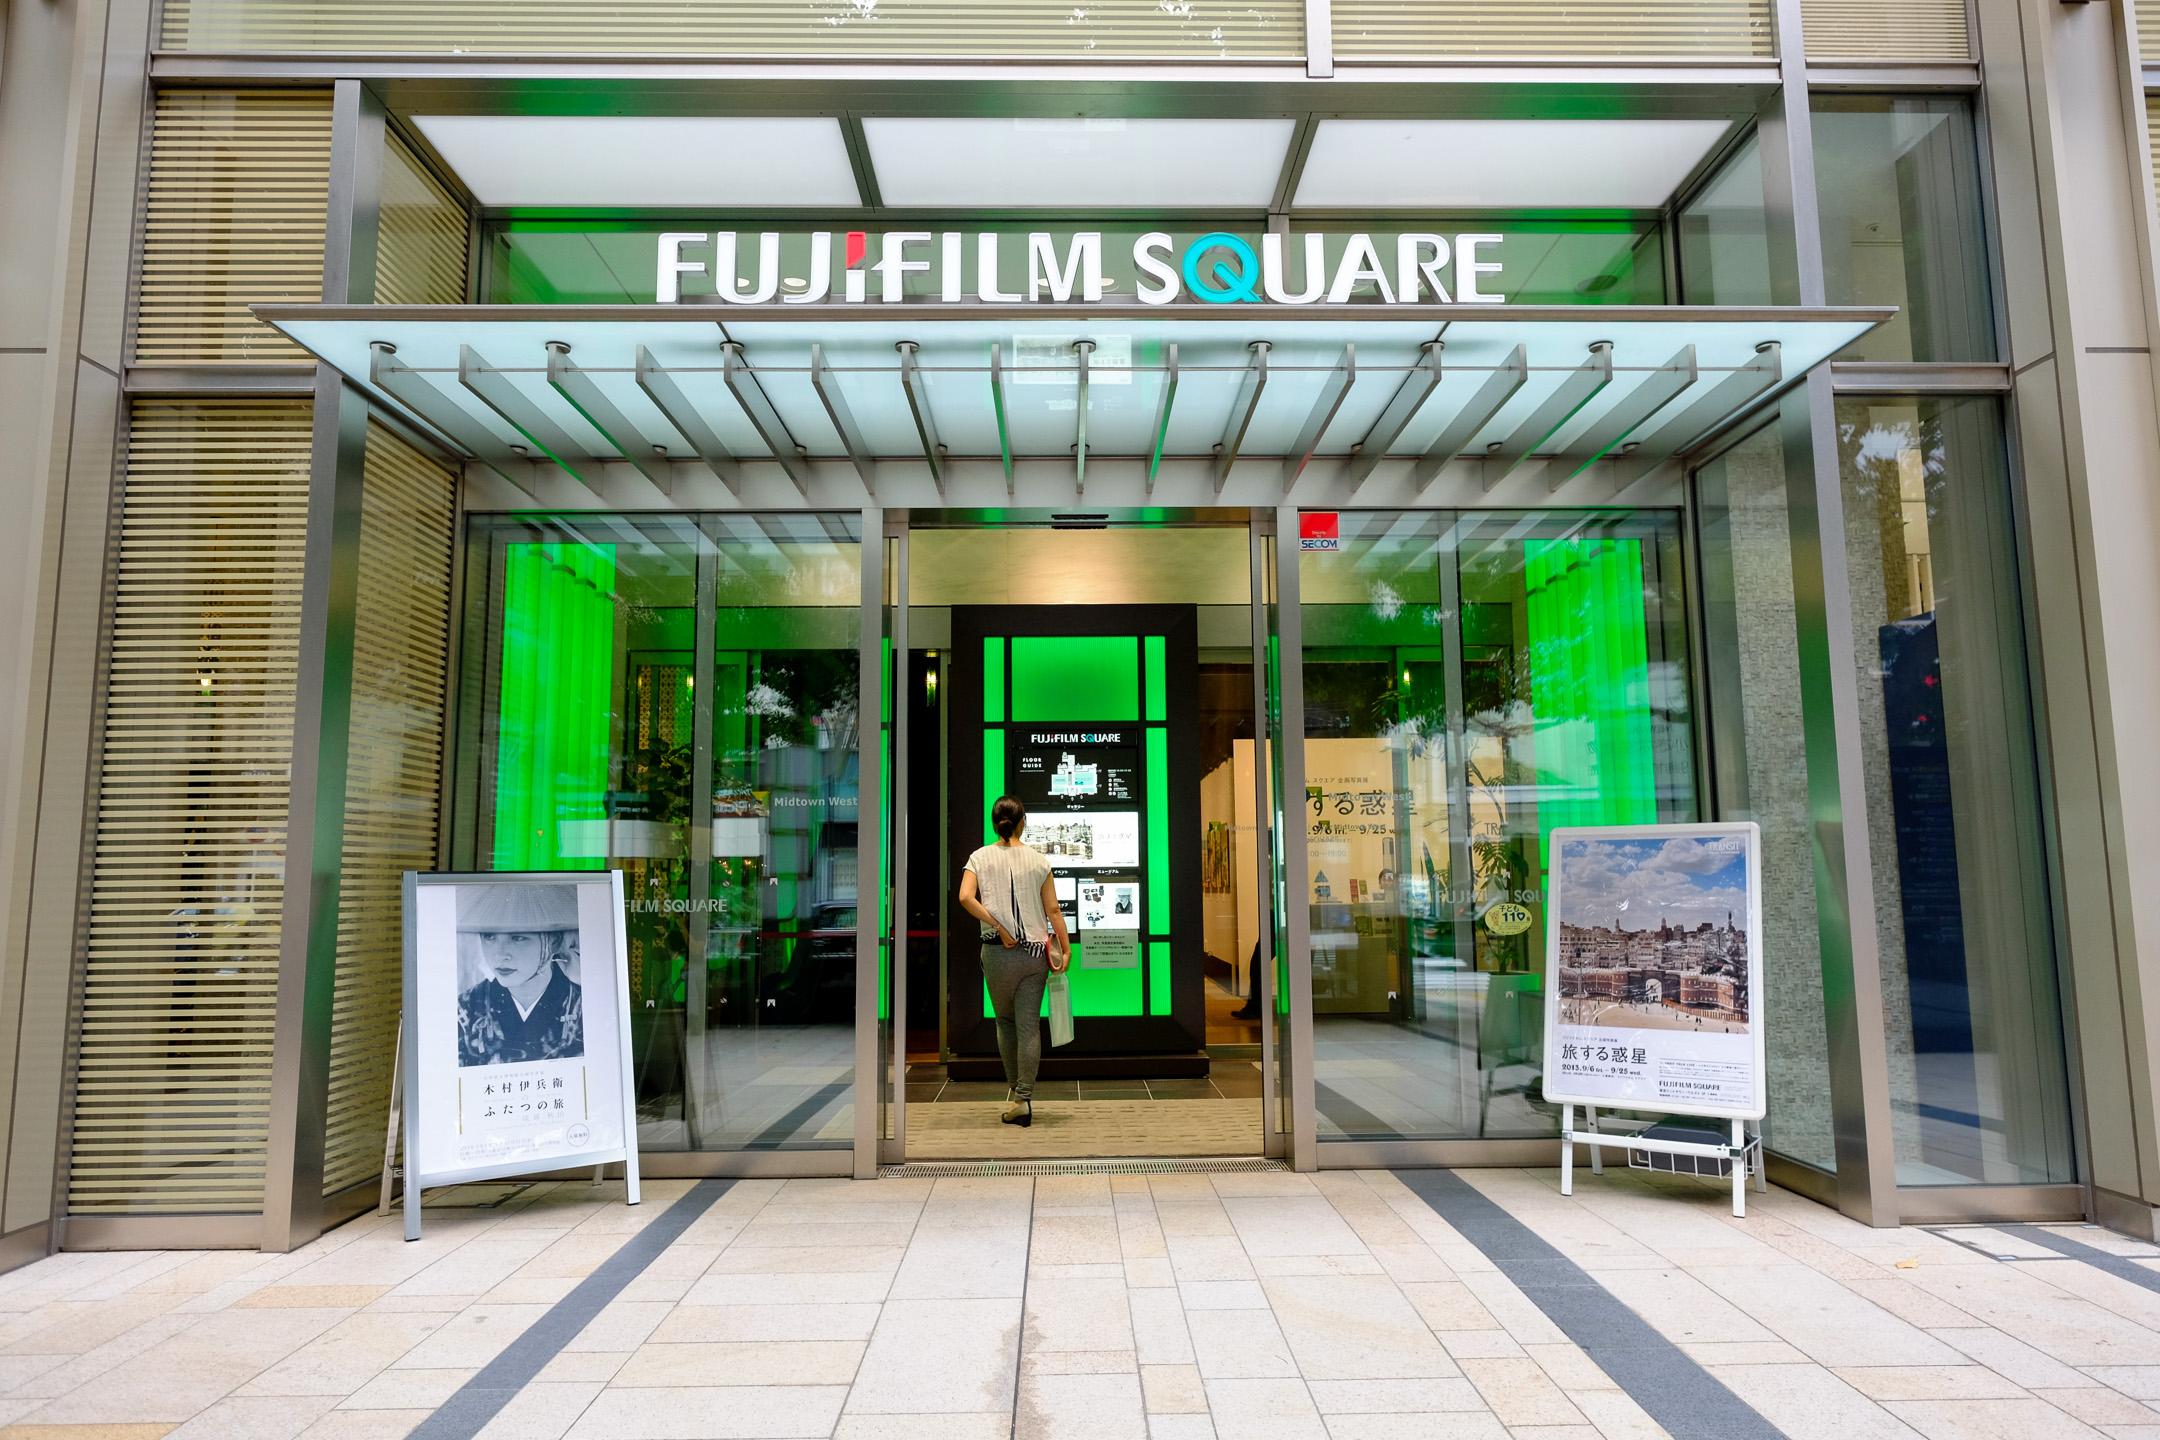 Fujifilm X-Pro1 - 14mm f2.8 - 1/125 - f/4 - iso1000